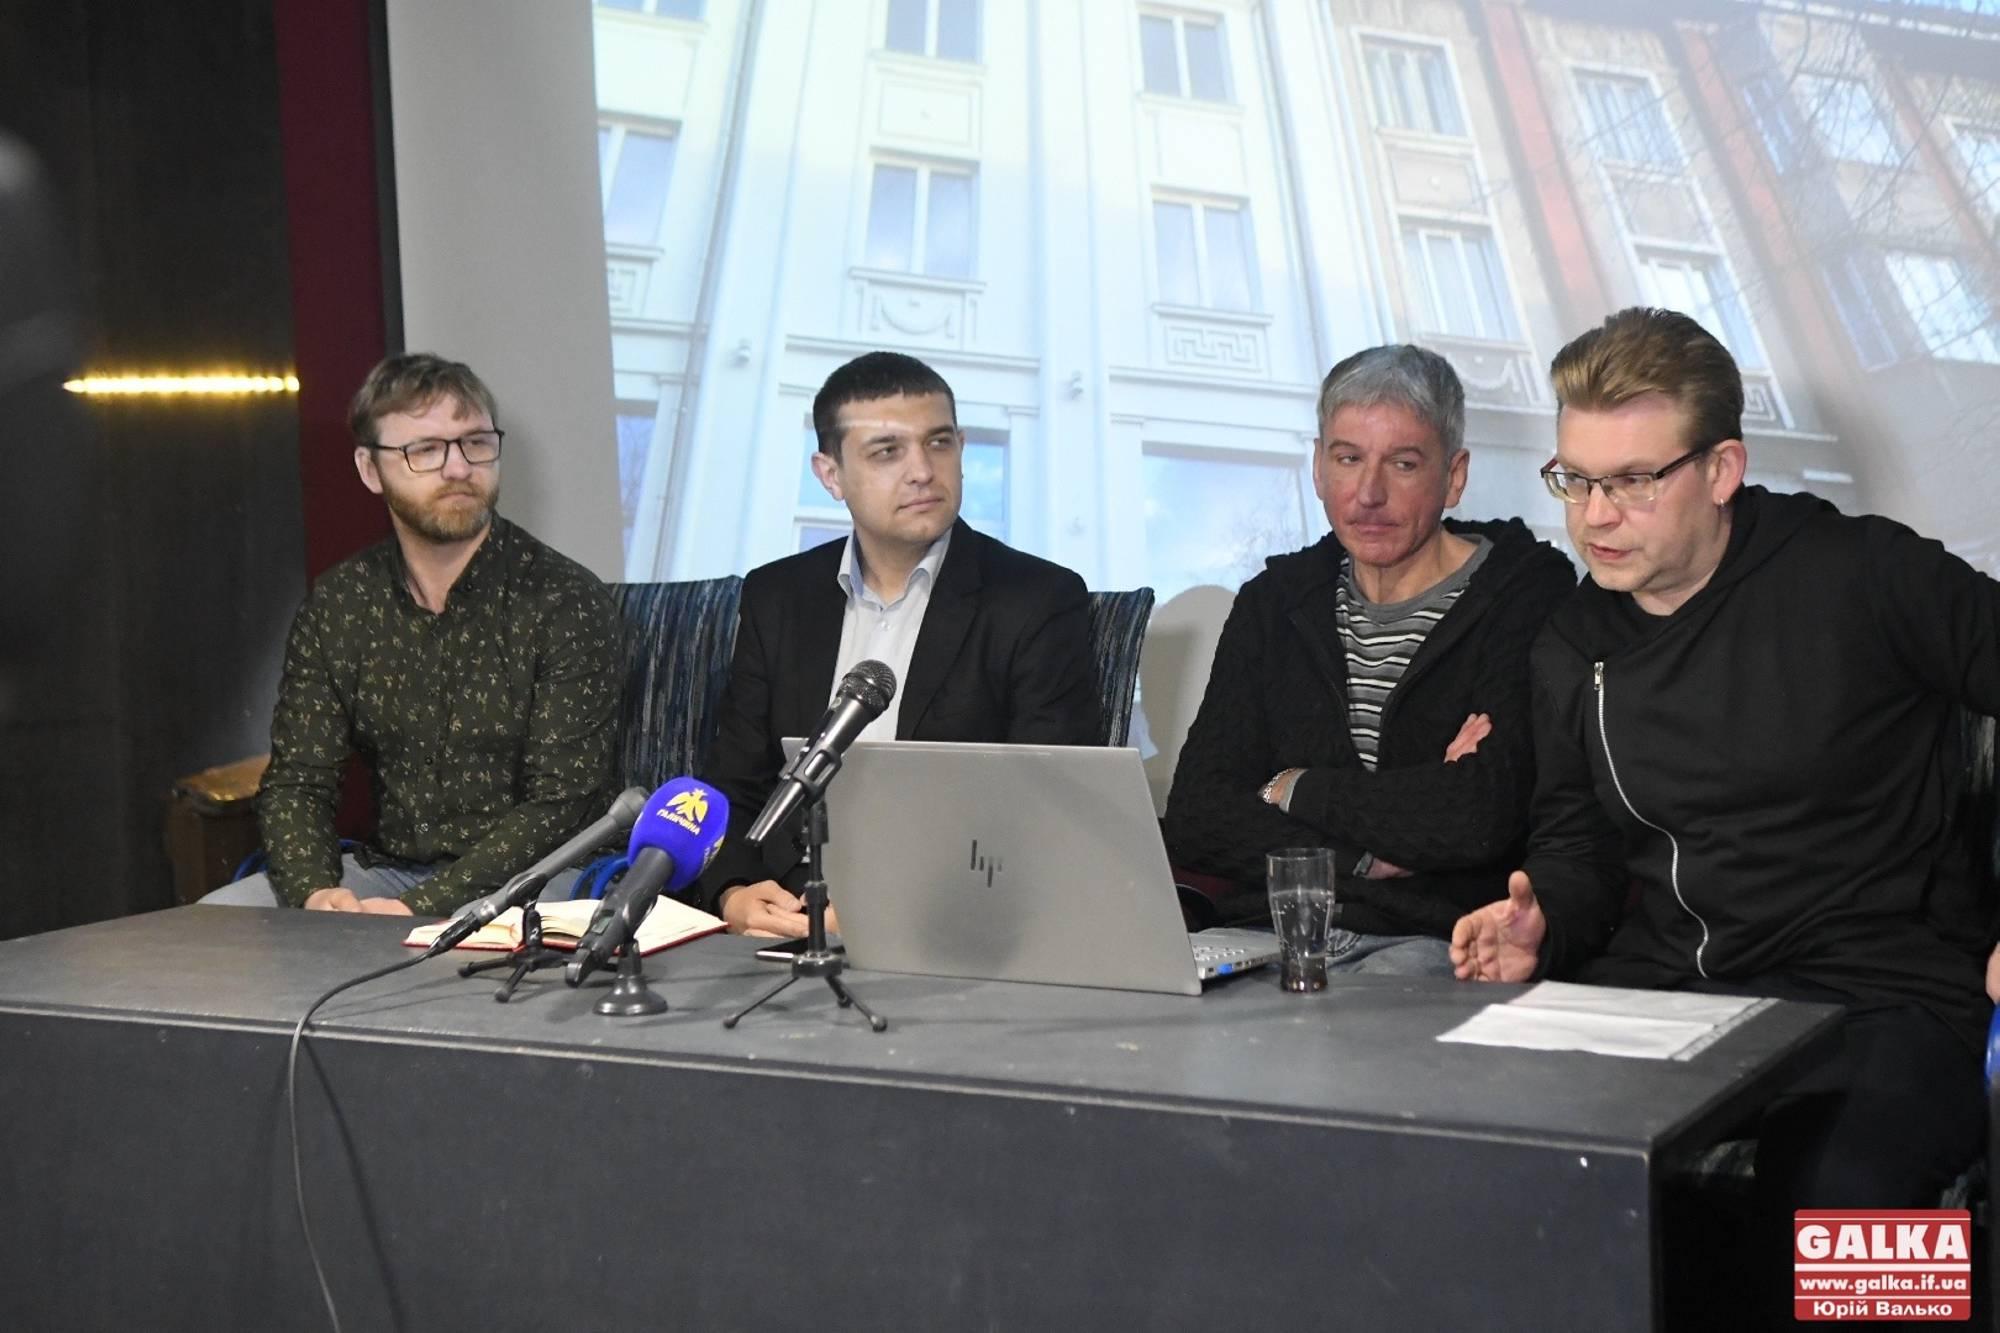 Активісти кличуть Бойків до діалогу й вимагають відновити історичний вигляд «Дністра» (ФОТО)